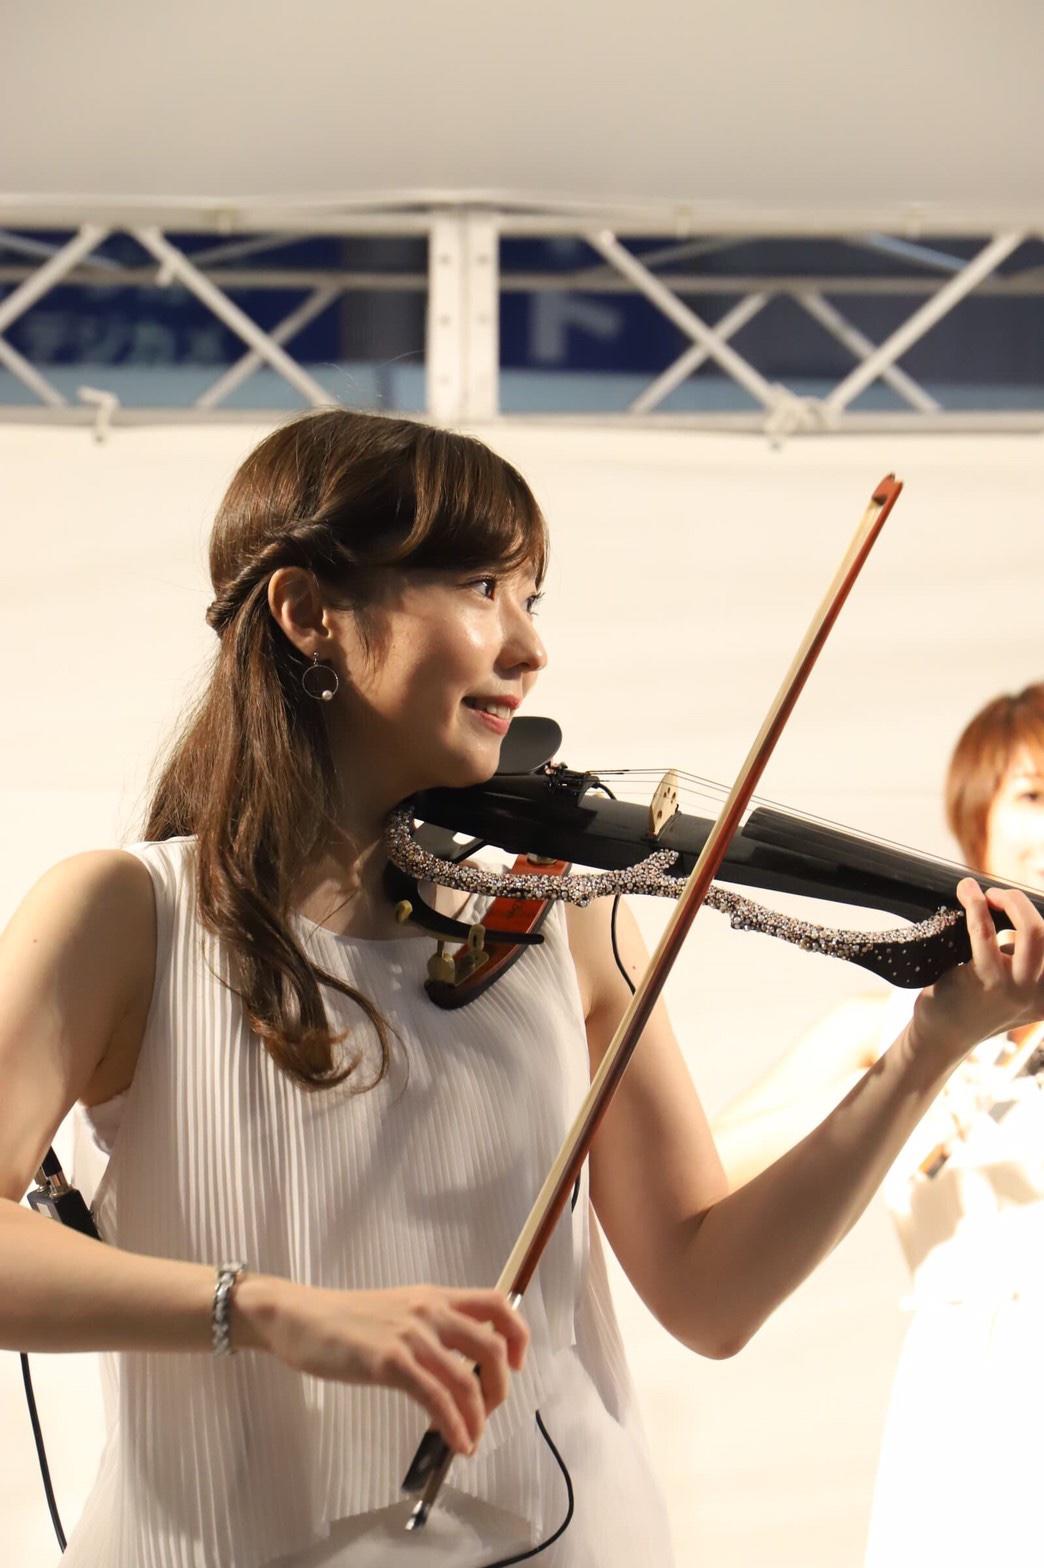 ミュージスターの美人ヴァイオリン奏者です